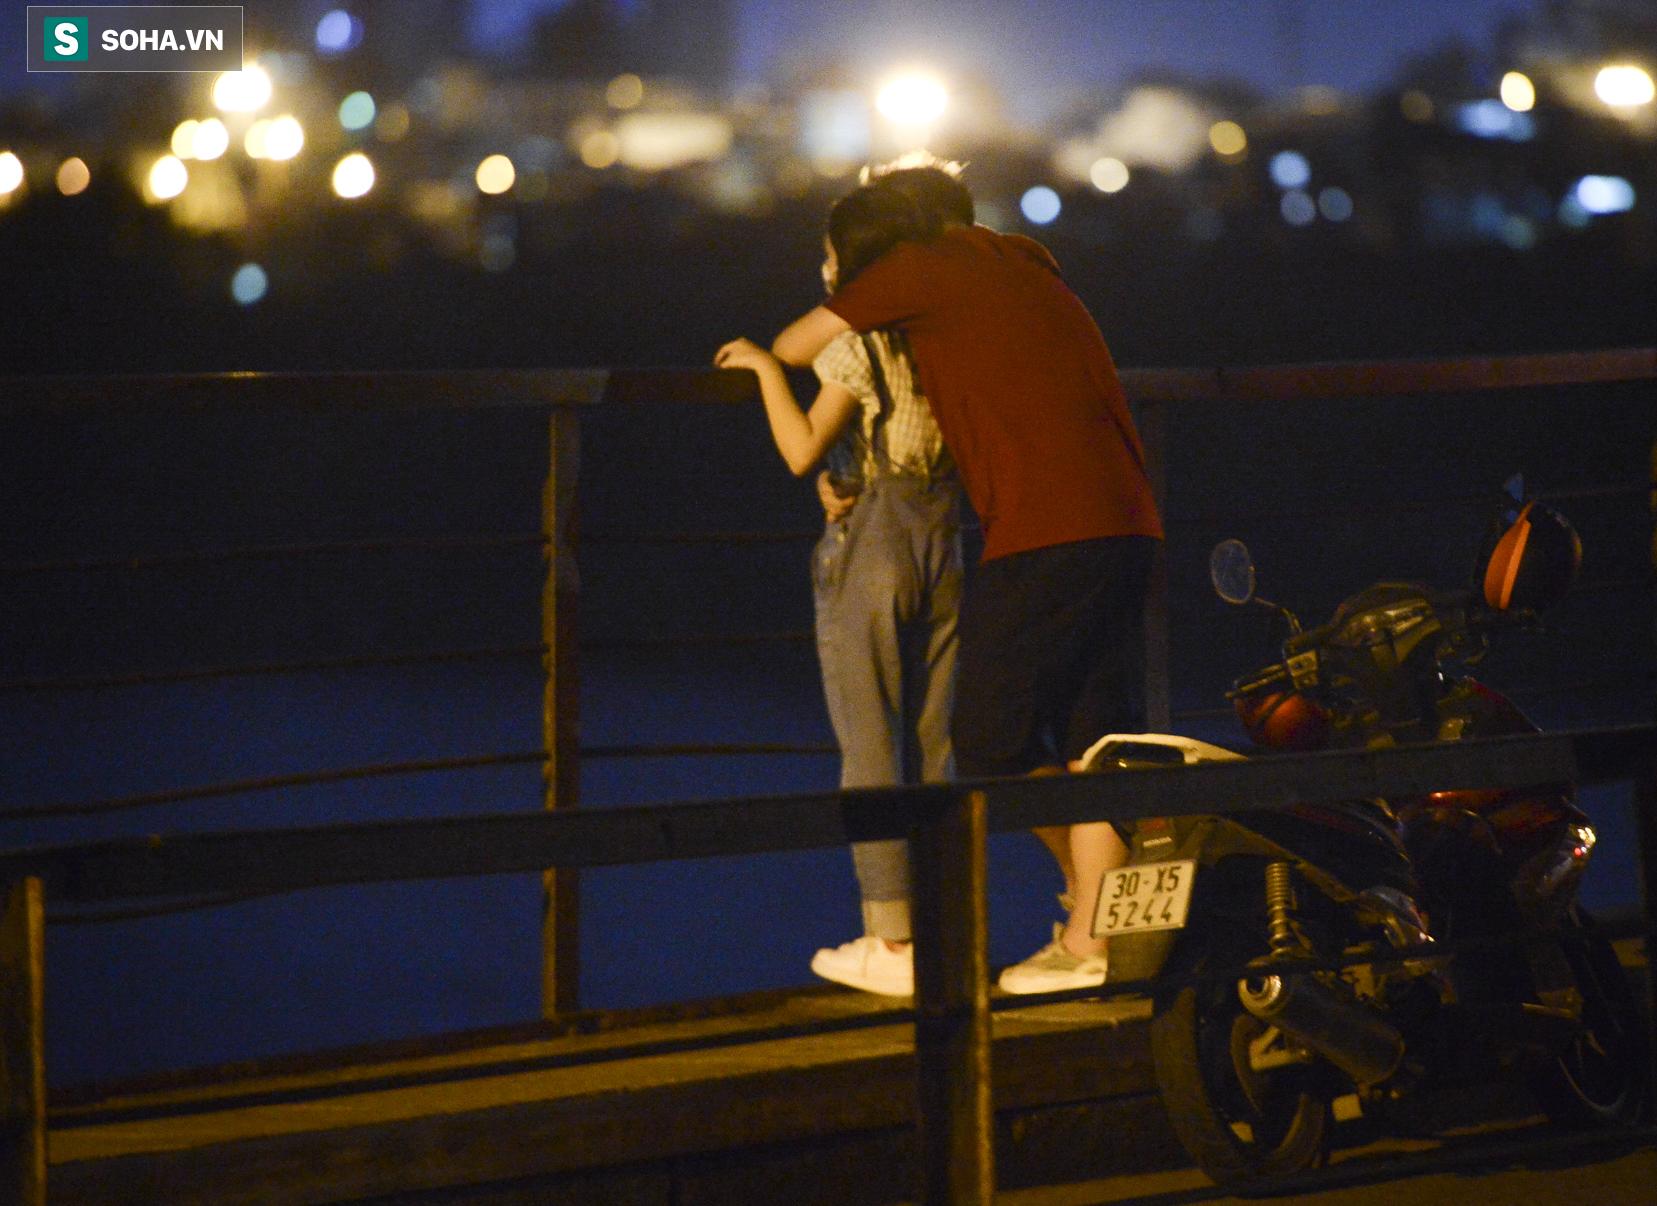 Hà Nội: Nam thanh nữ tú thản nhiên lên cầu Long Biên tâm sự, chụp ảnh, hóng mát bất chấp giãn cách xã hội - Ảnh 10.